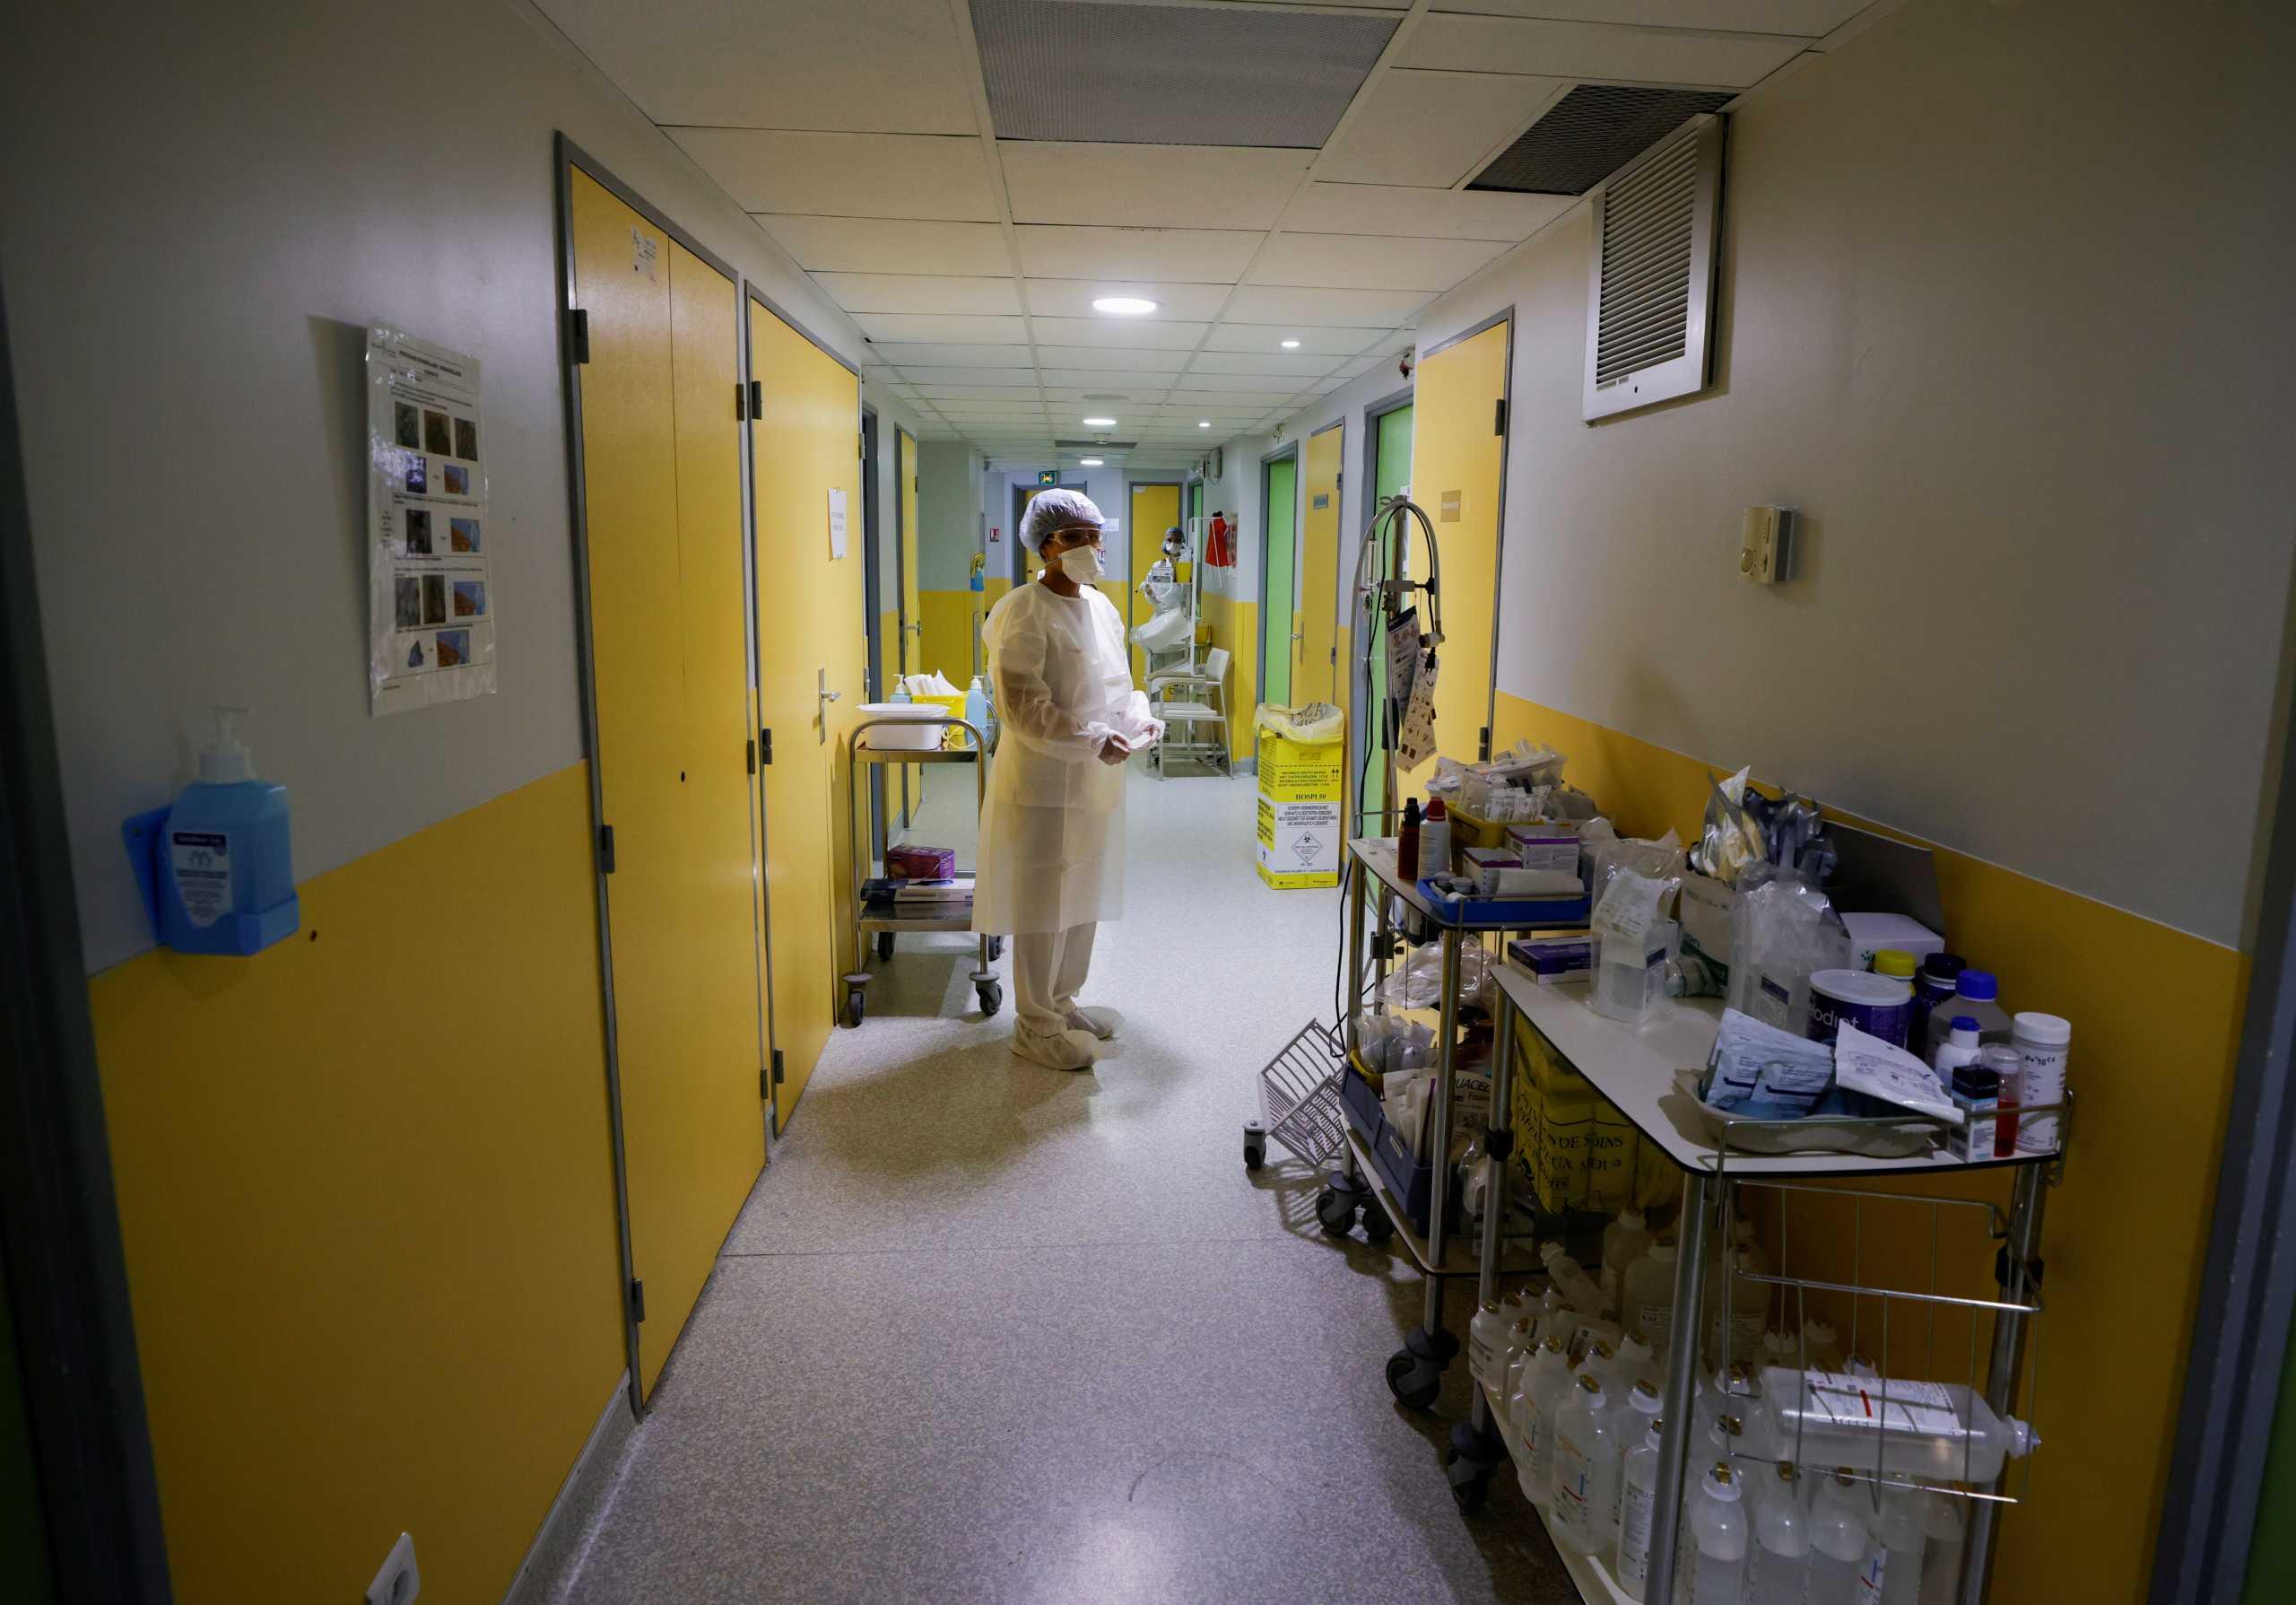 Δεν αστειεύονται οι Γάλλοι με την υποχρεωτικότητα – 3.000 αναστολές εργασίας υγειονομικών